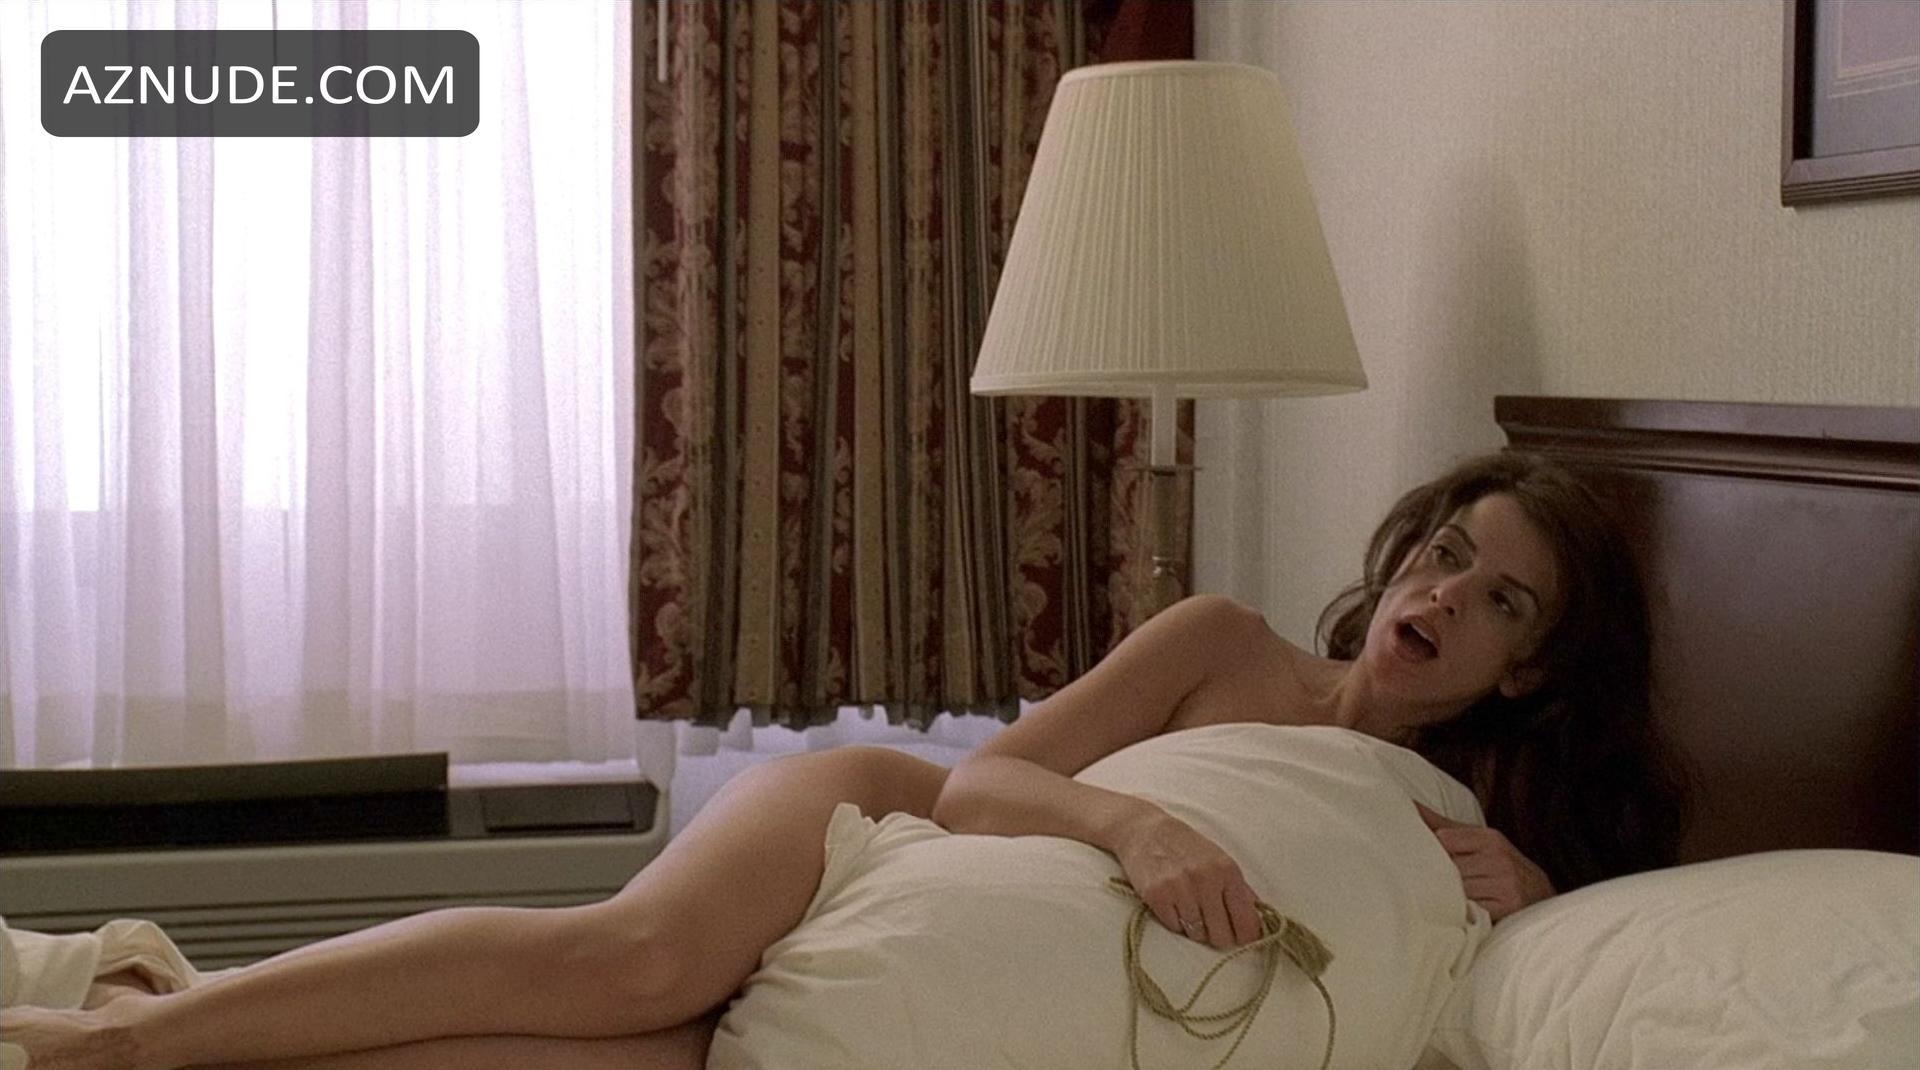 sopranos Annabella sciorra nude